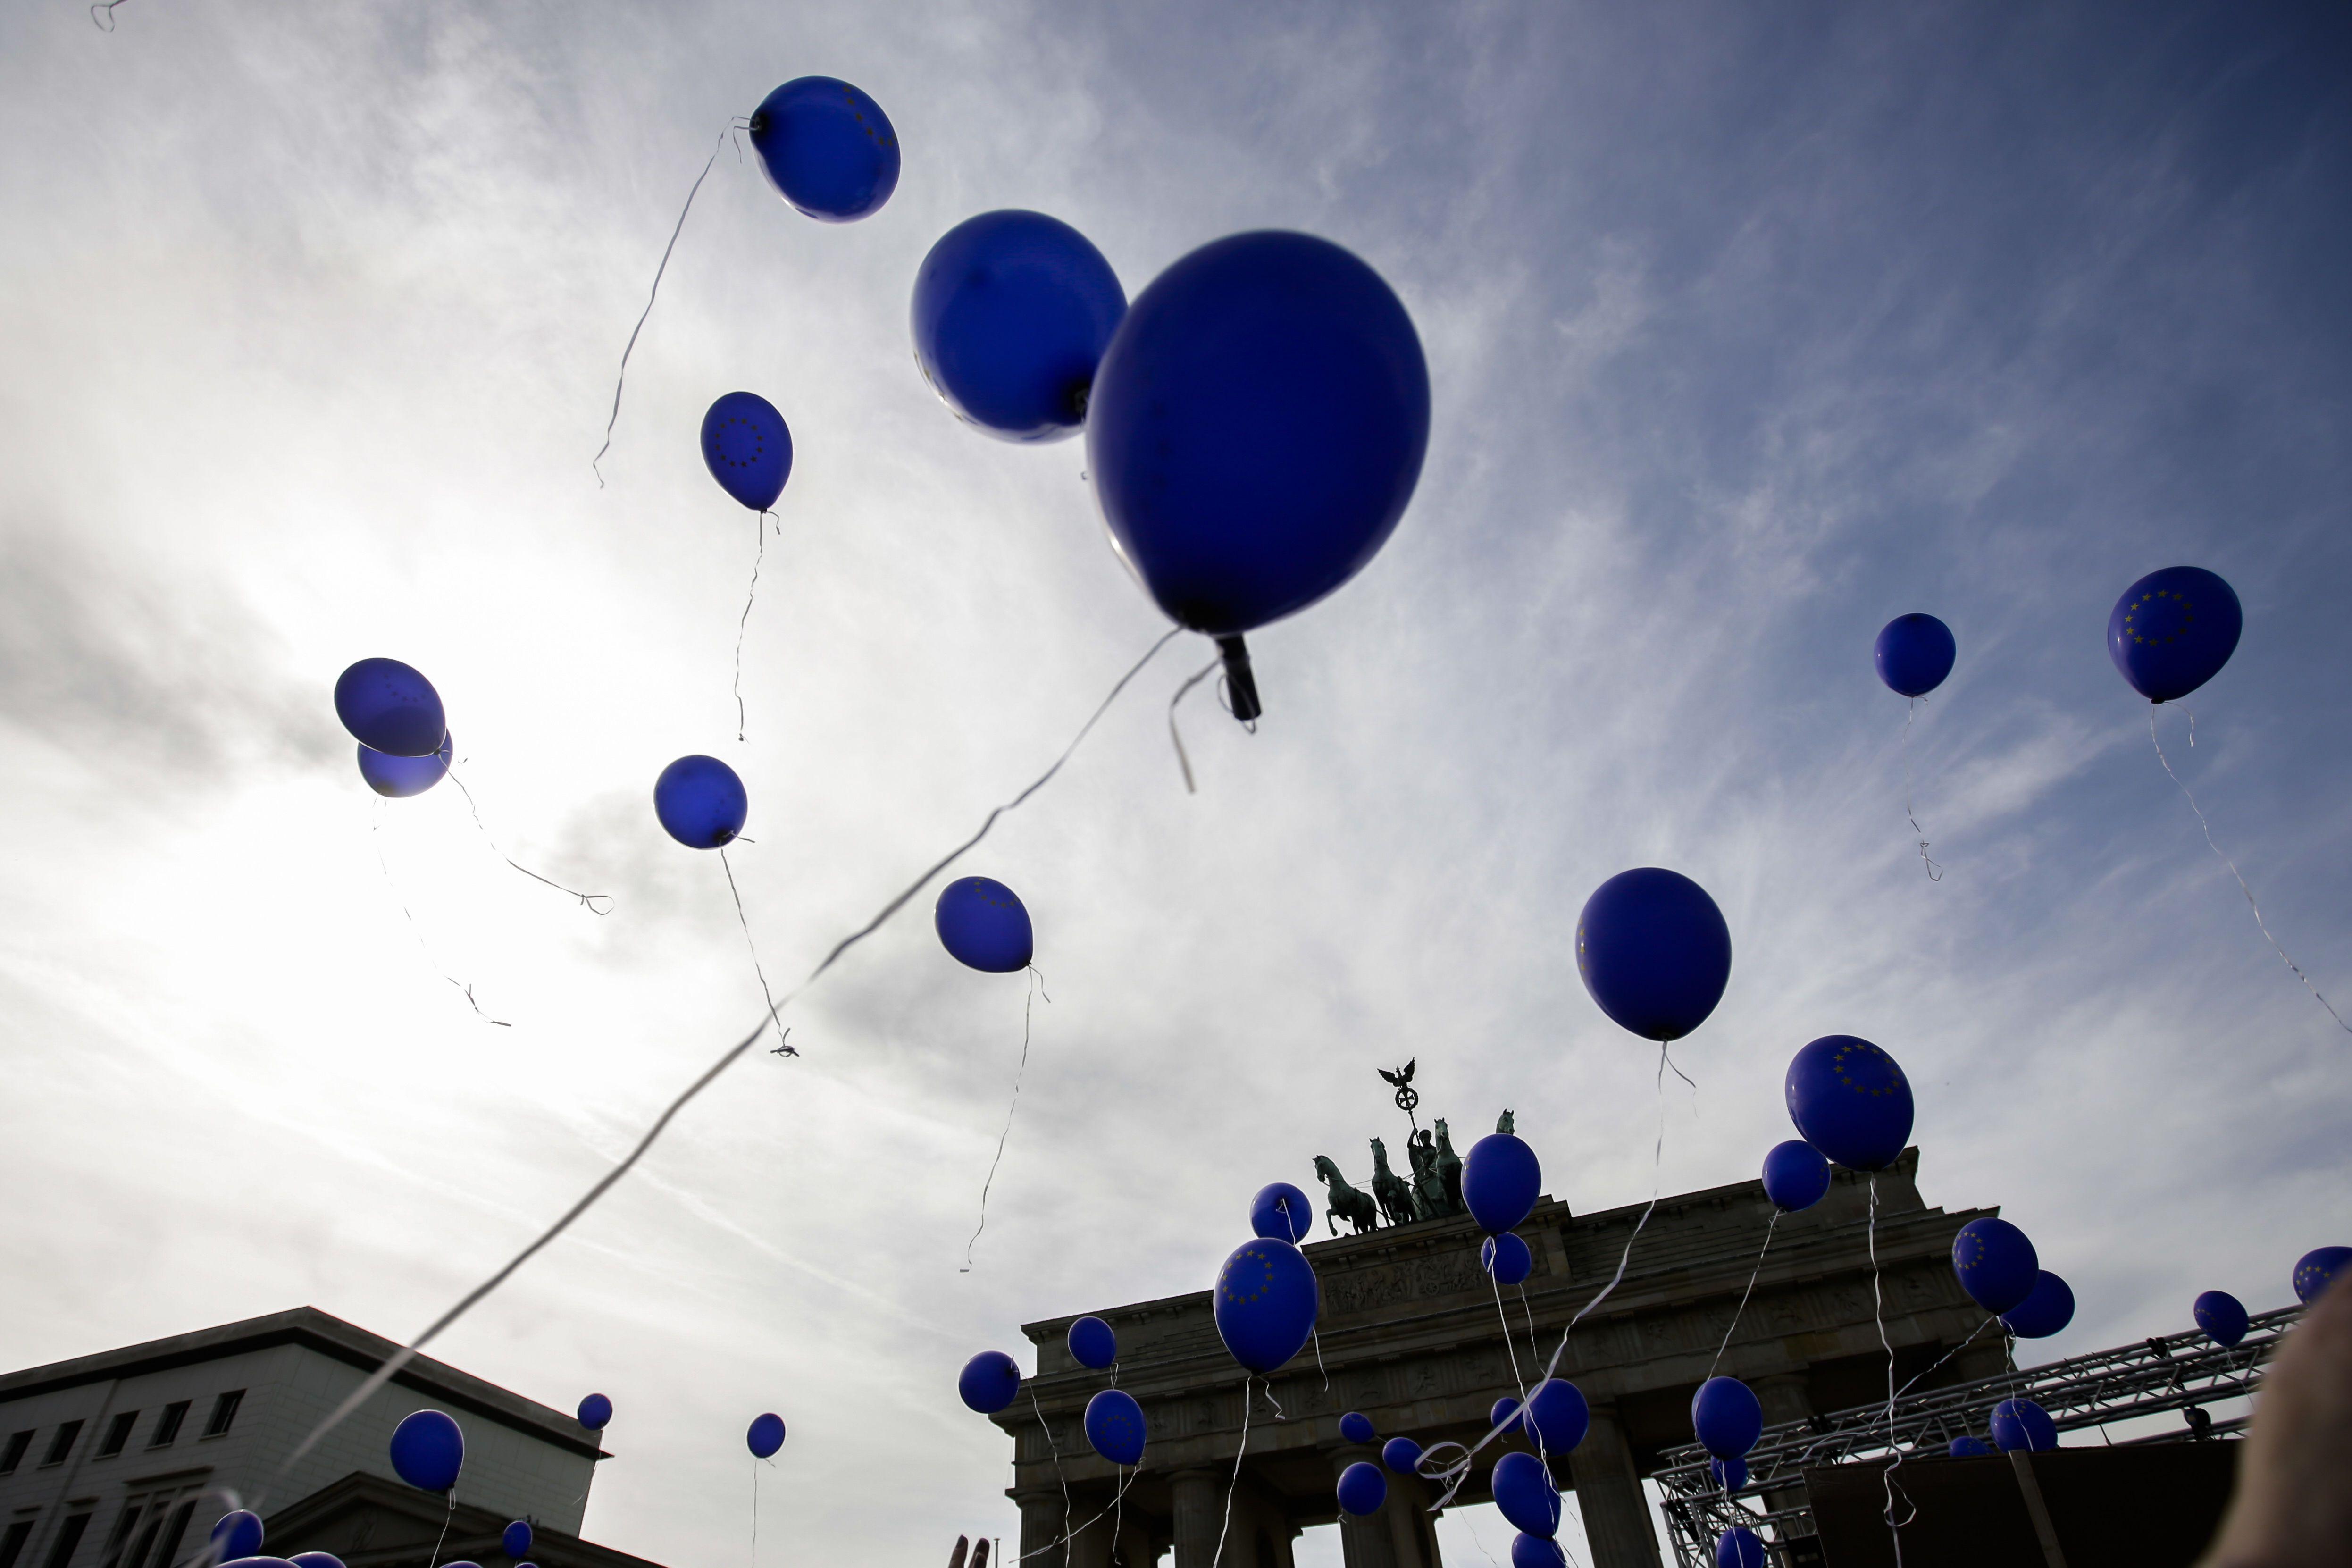 сині повітряні кульки, день про поширення інформації про аутизм